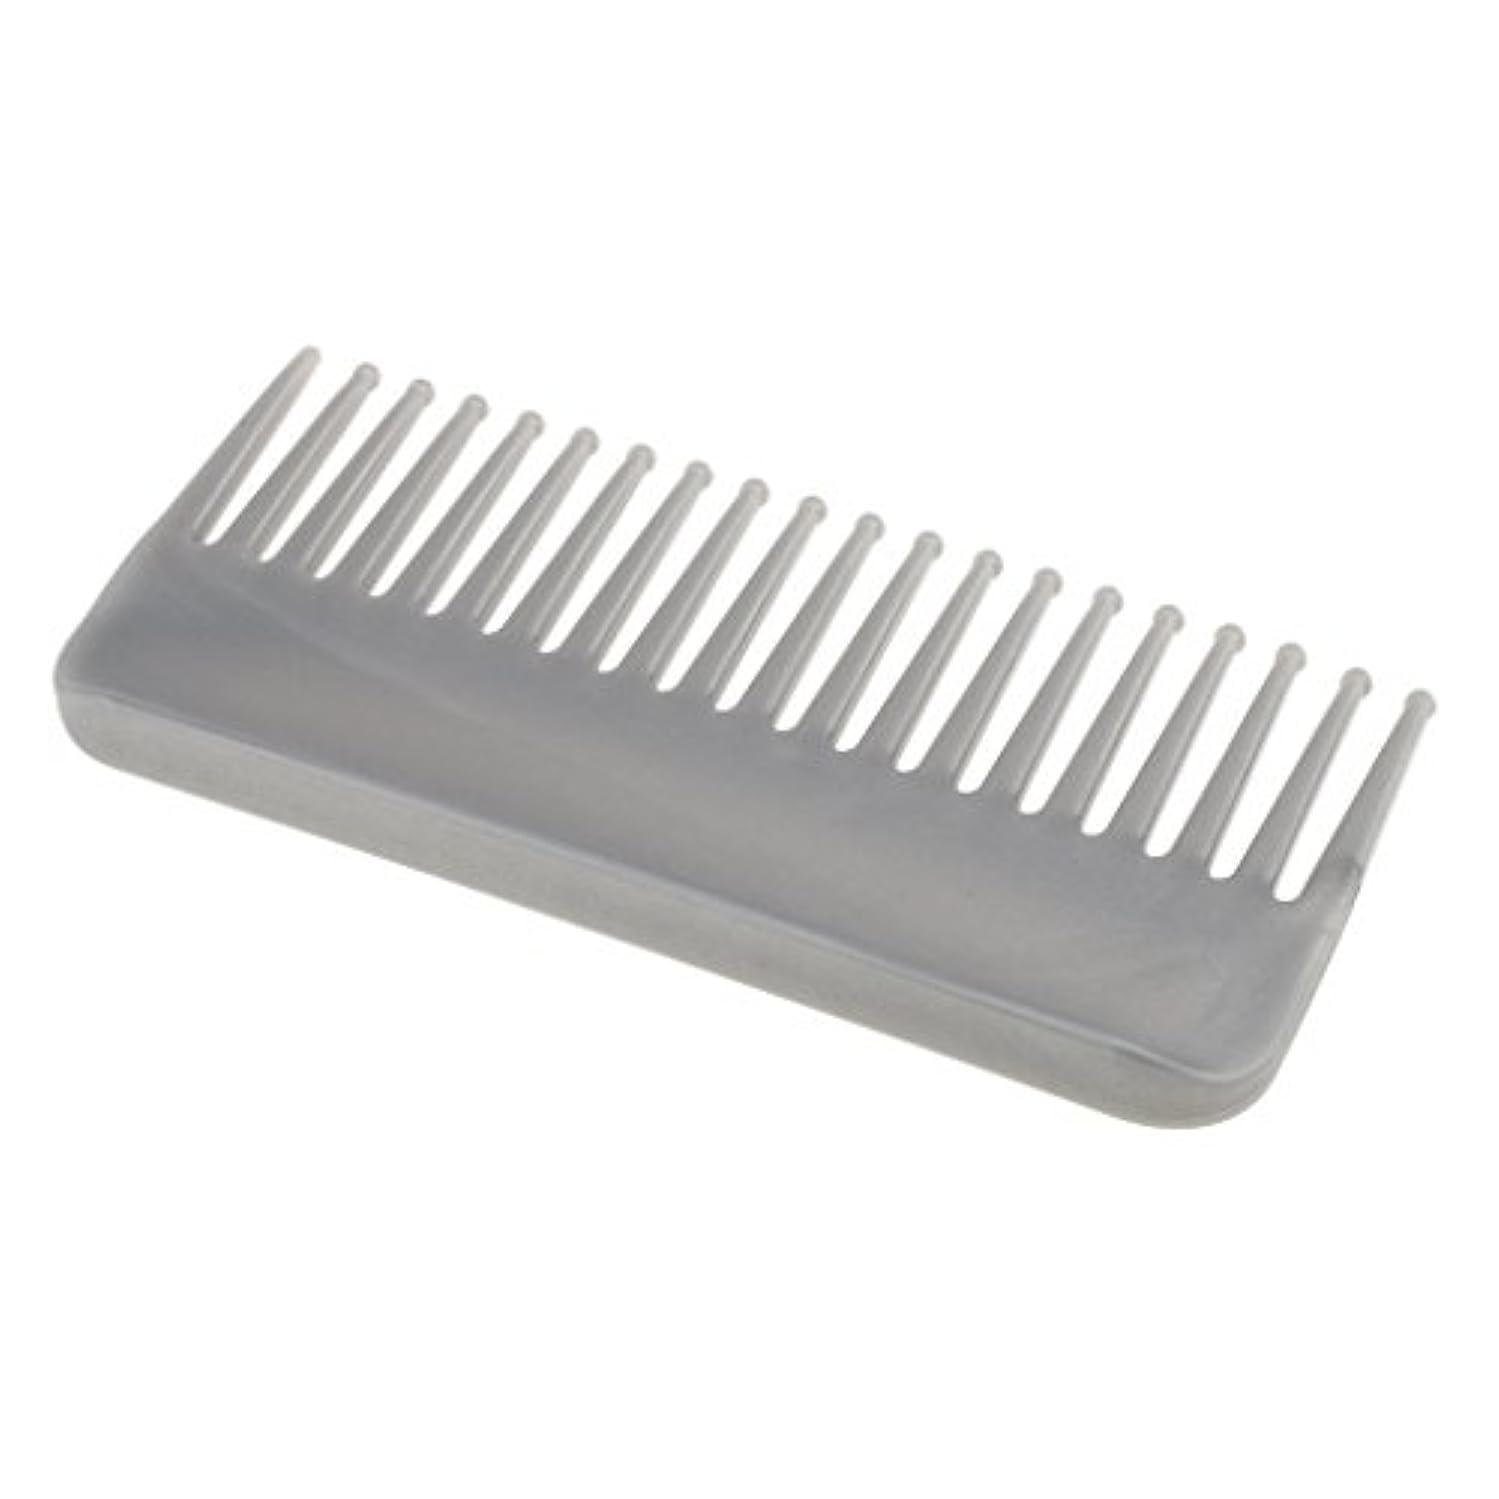 三番報復するペットプラスチック製の絡みのない広い歯のヘアブラシサロンヘアケアマッサージツール